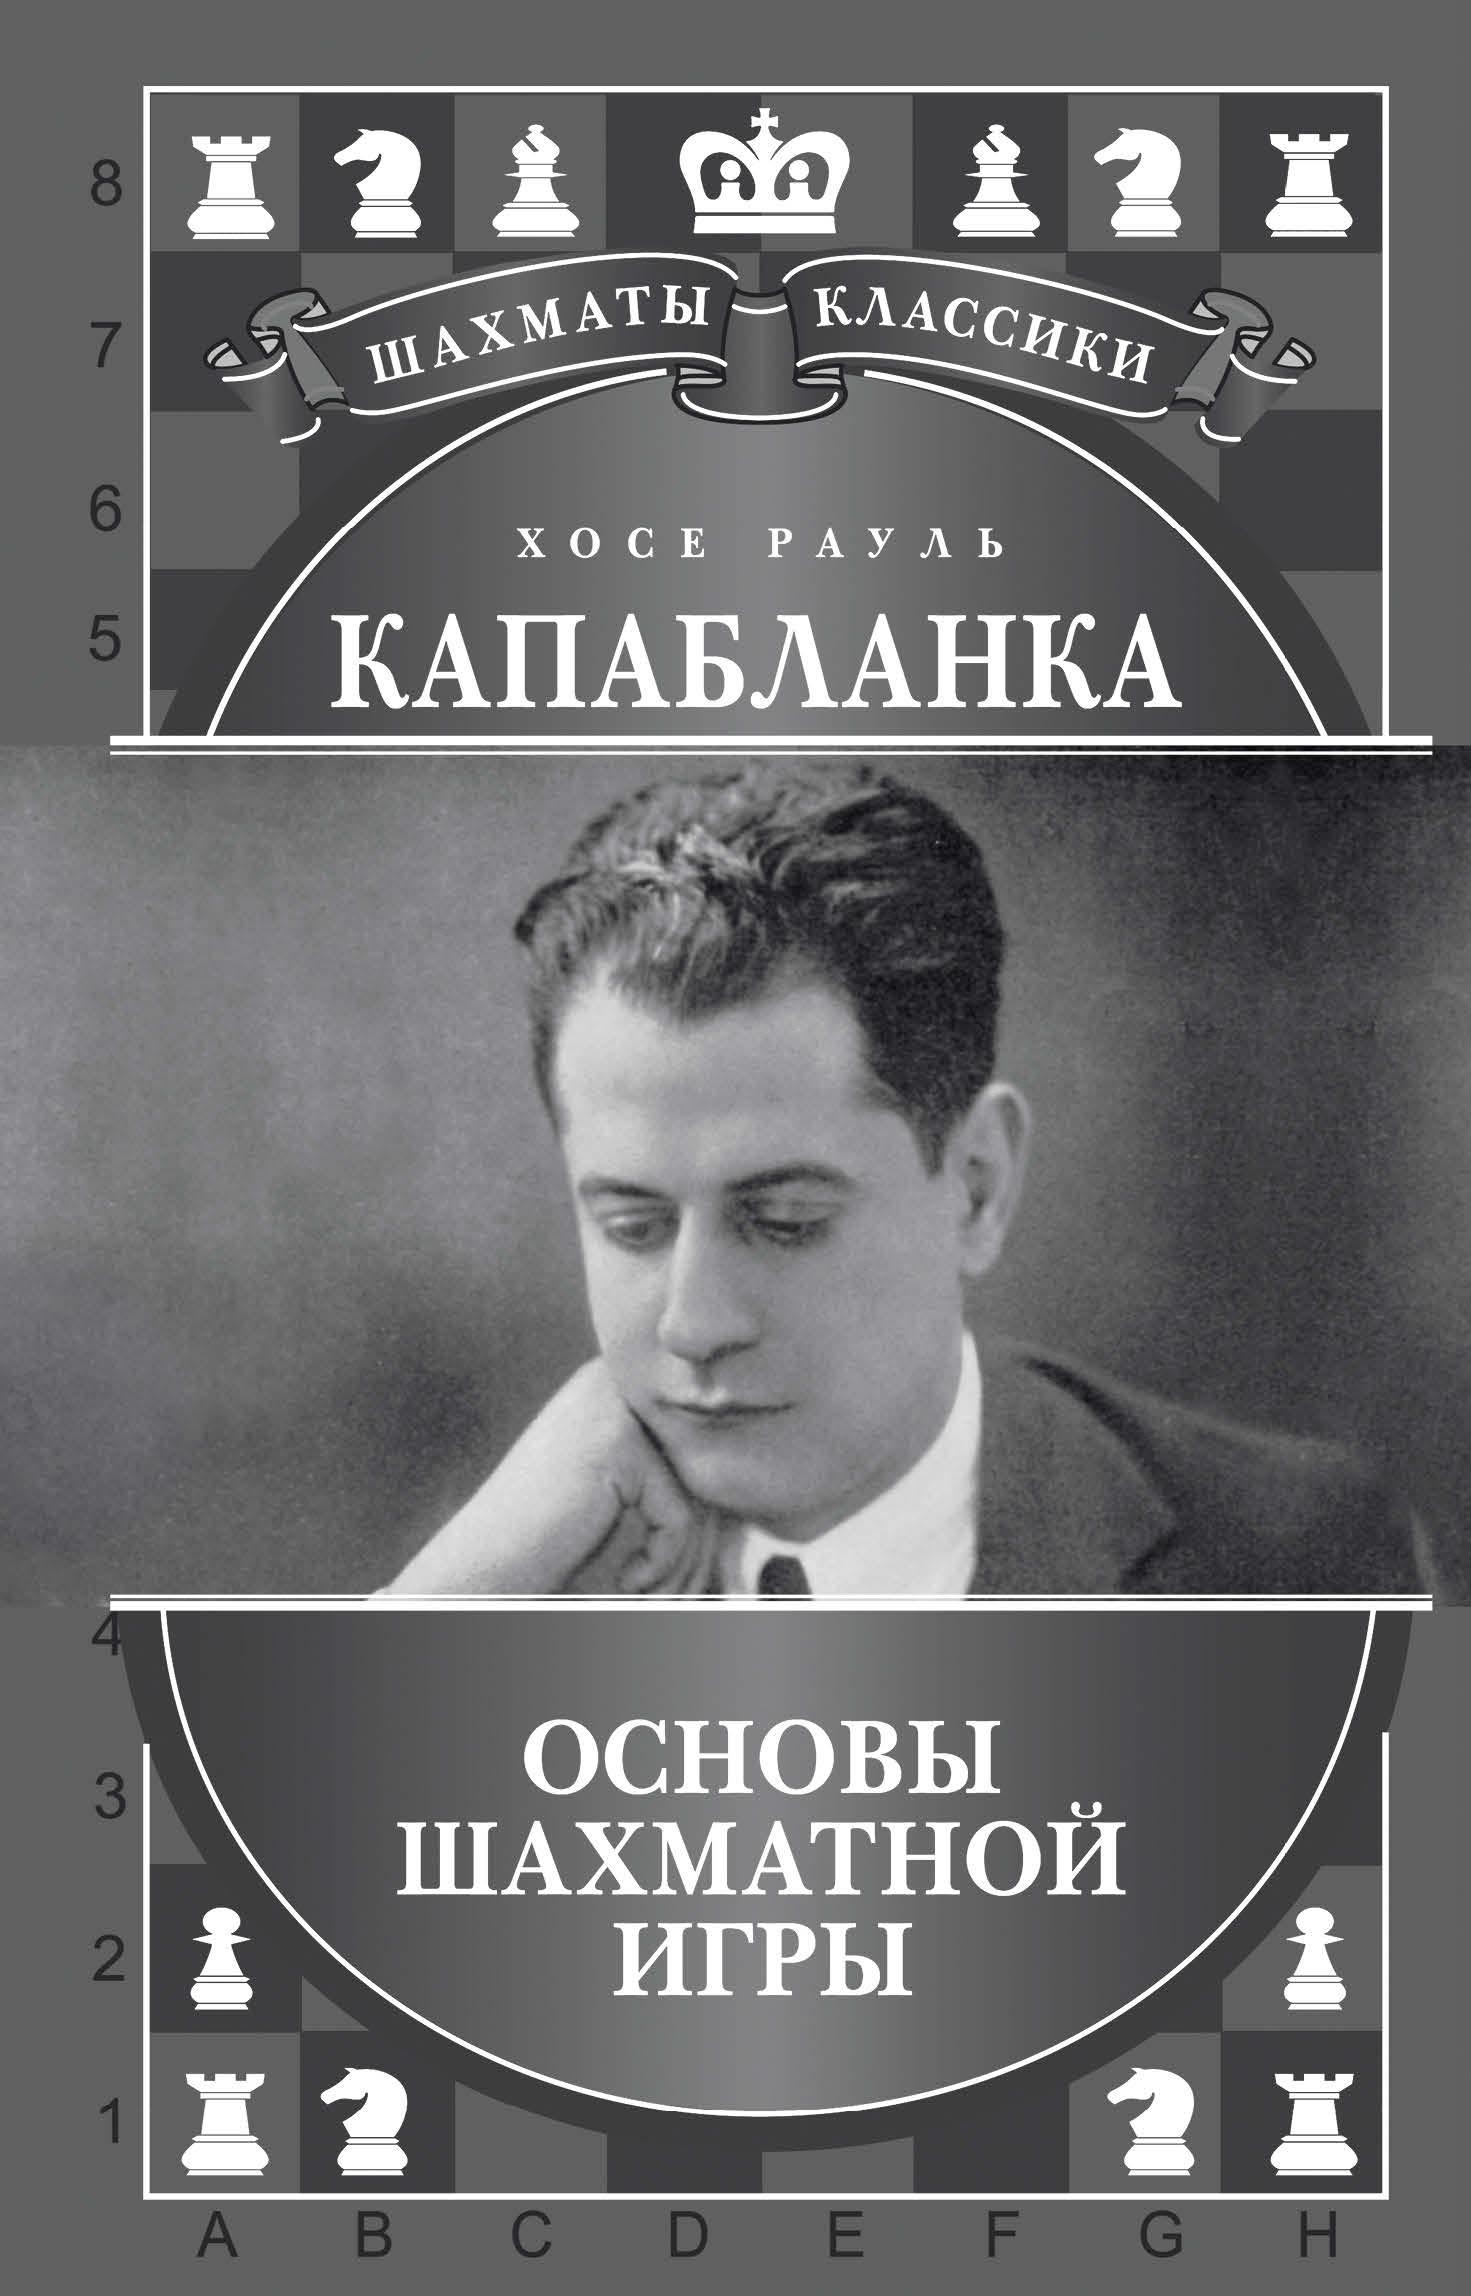 Николай Калиниченко Хосе Рауль Капабланка. Основы шахматной игры капабланка